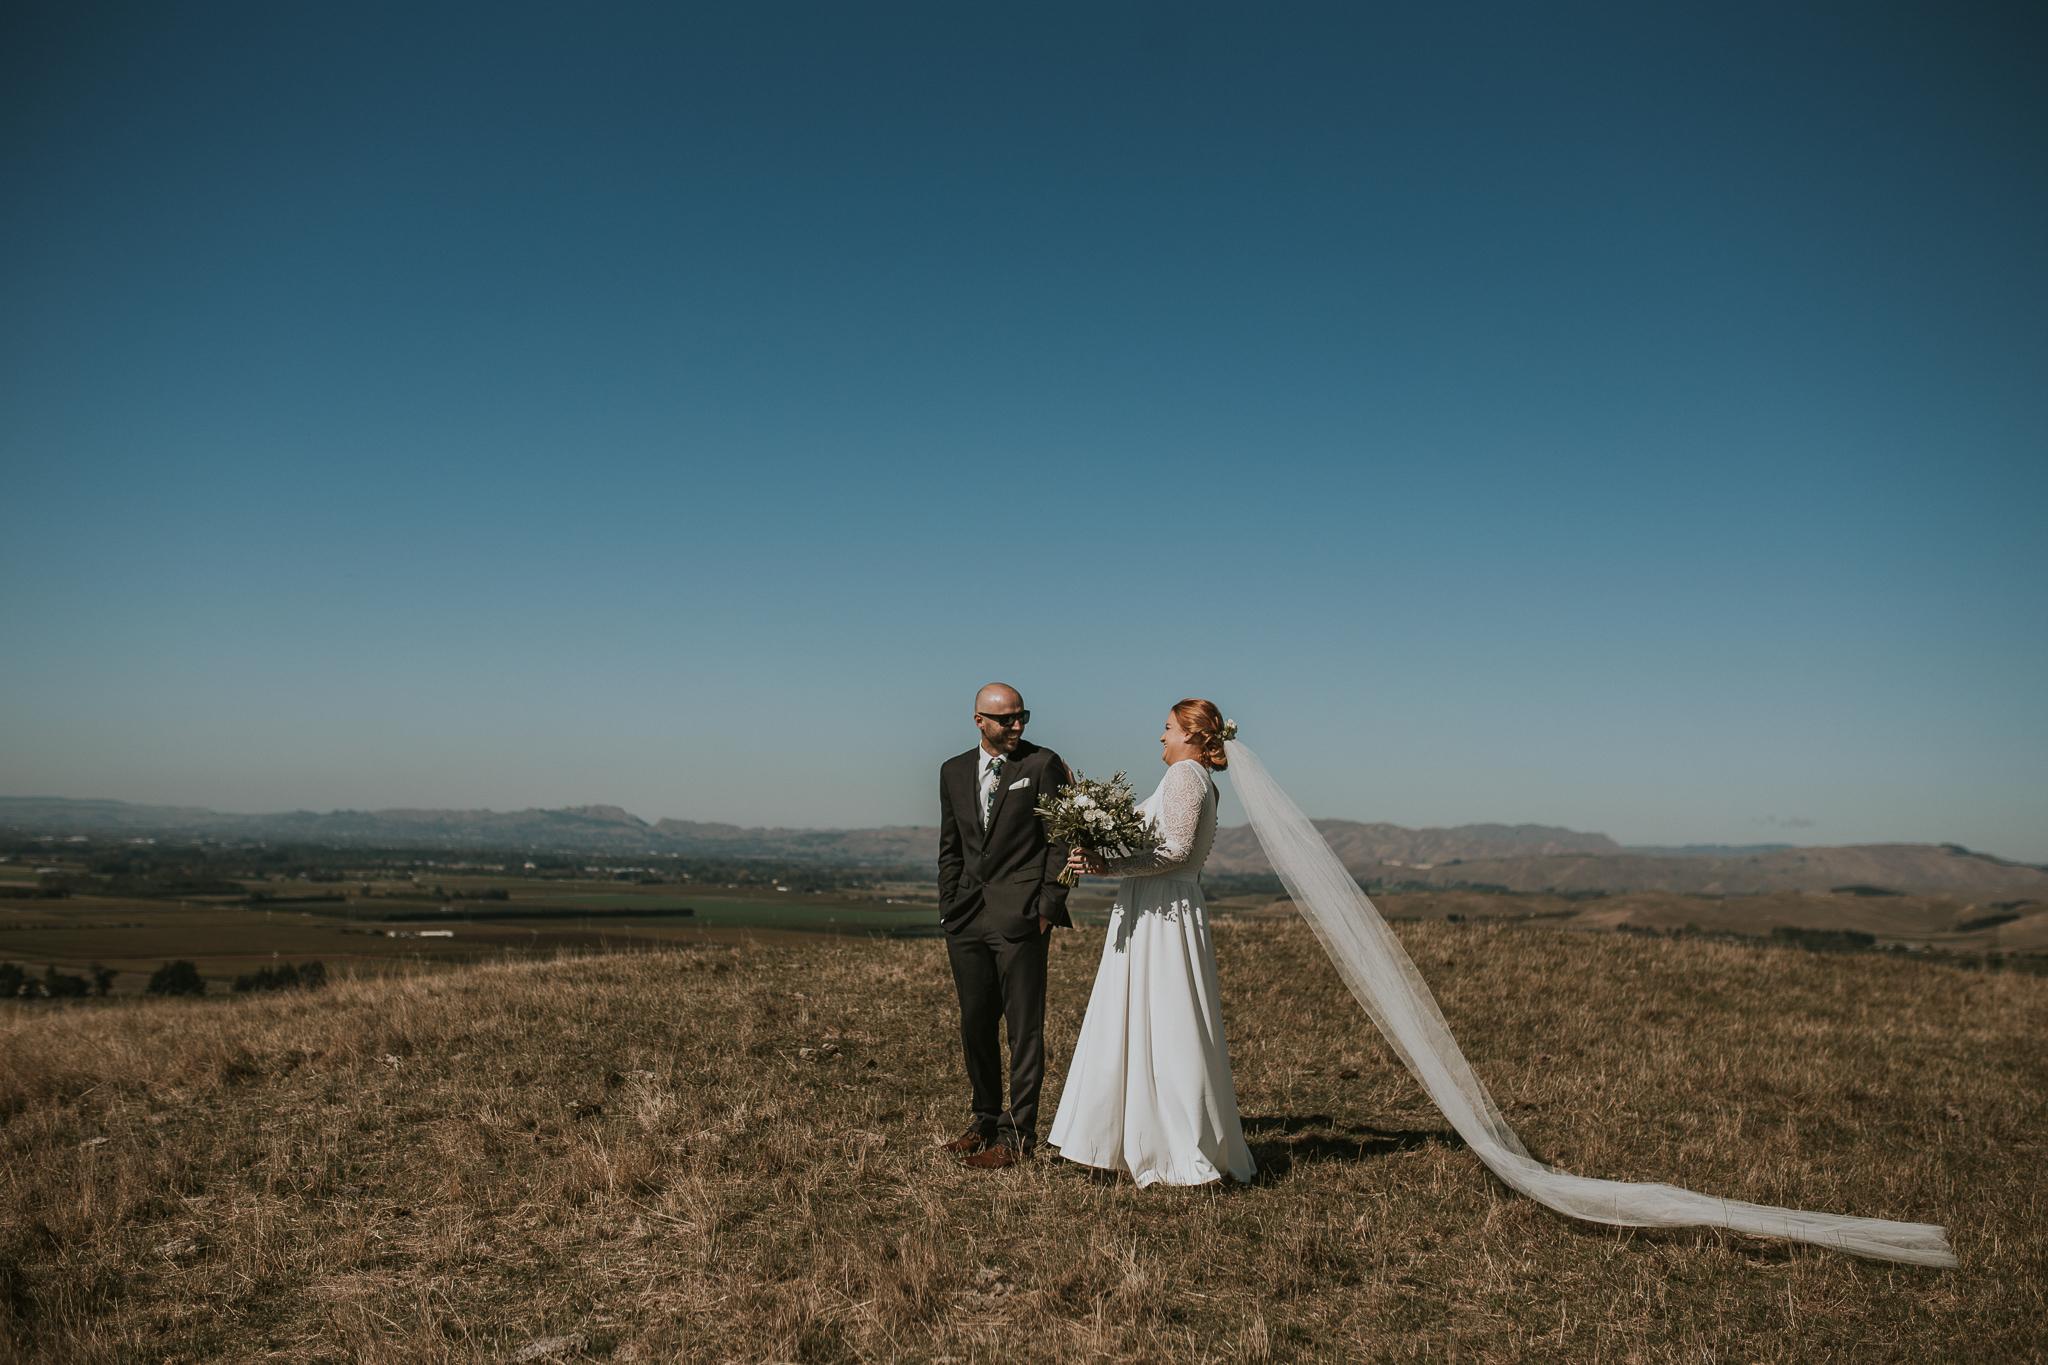 wedding photographer hawkes bay , Lisa Fisher Photography, Selini Winery Wedding -36.jpg